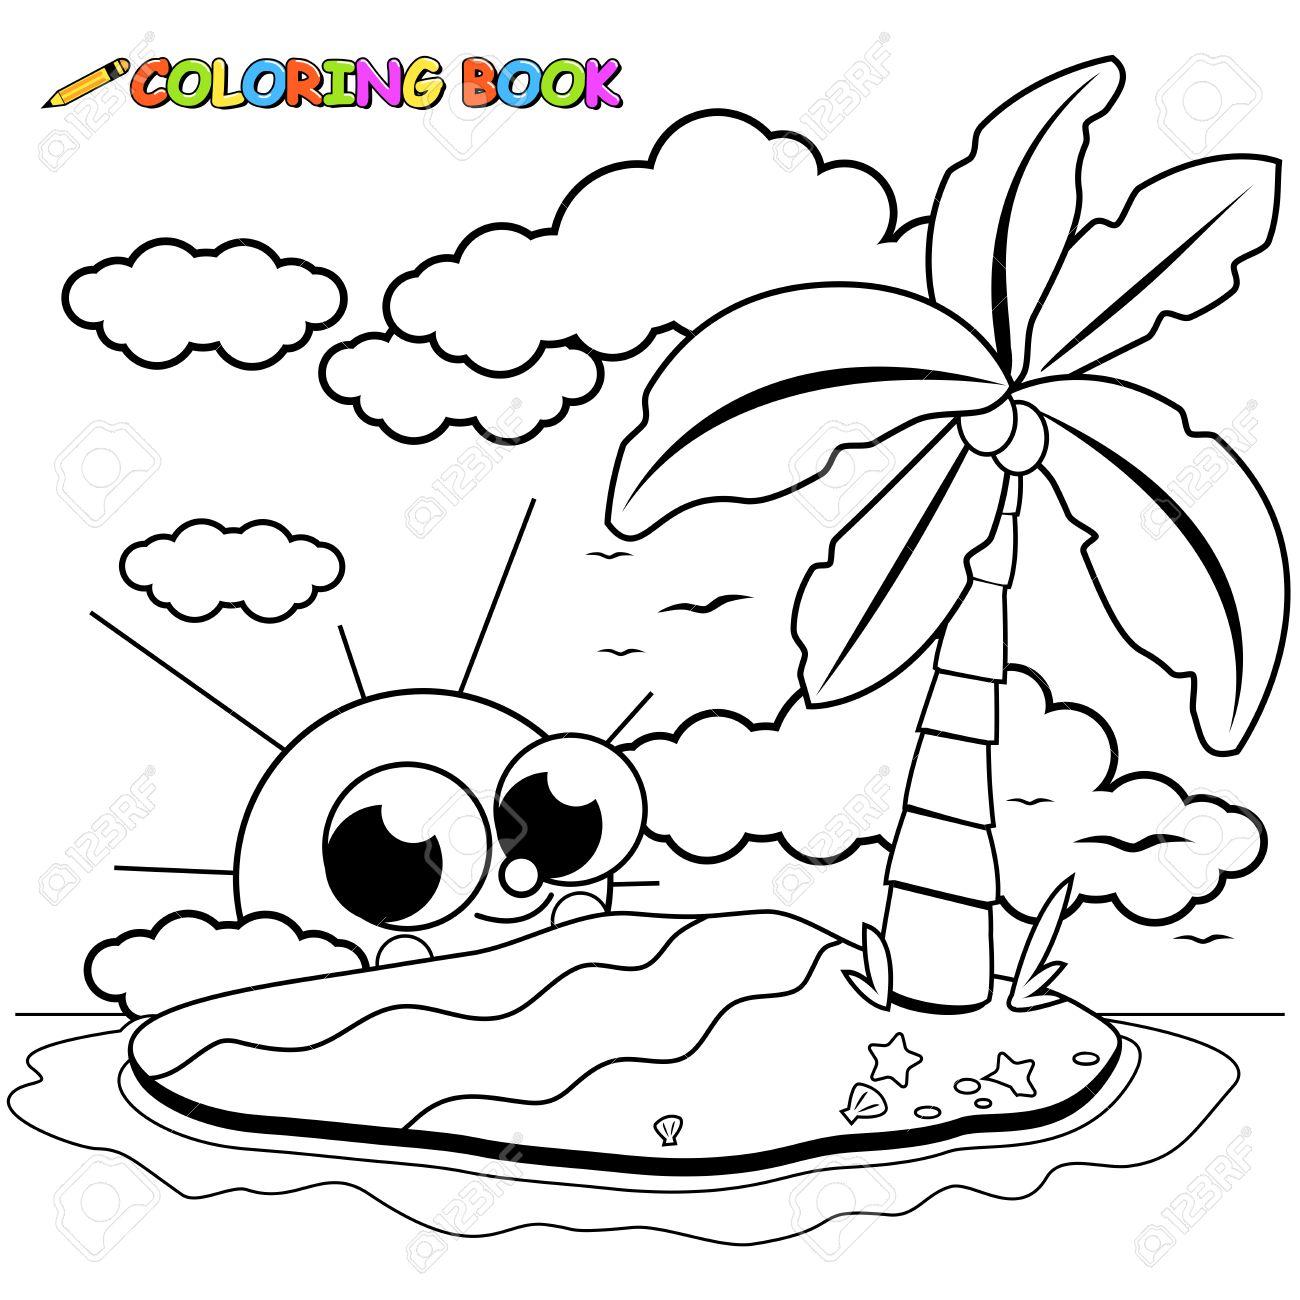 Le Avec Cocotiers Soleil Et Coquillages Page De Coloriage Clip Art Libres De Droits Vecteurs Et Illustration Image 76592299